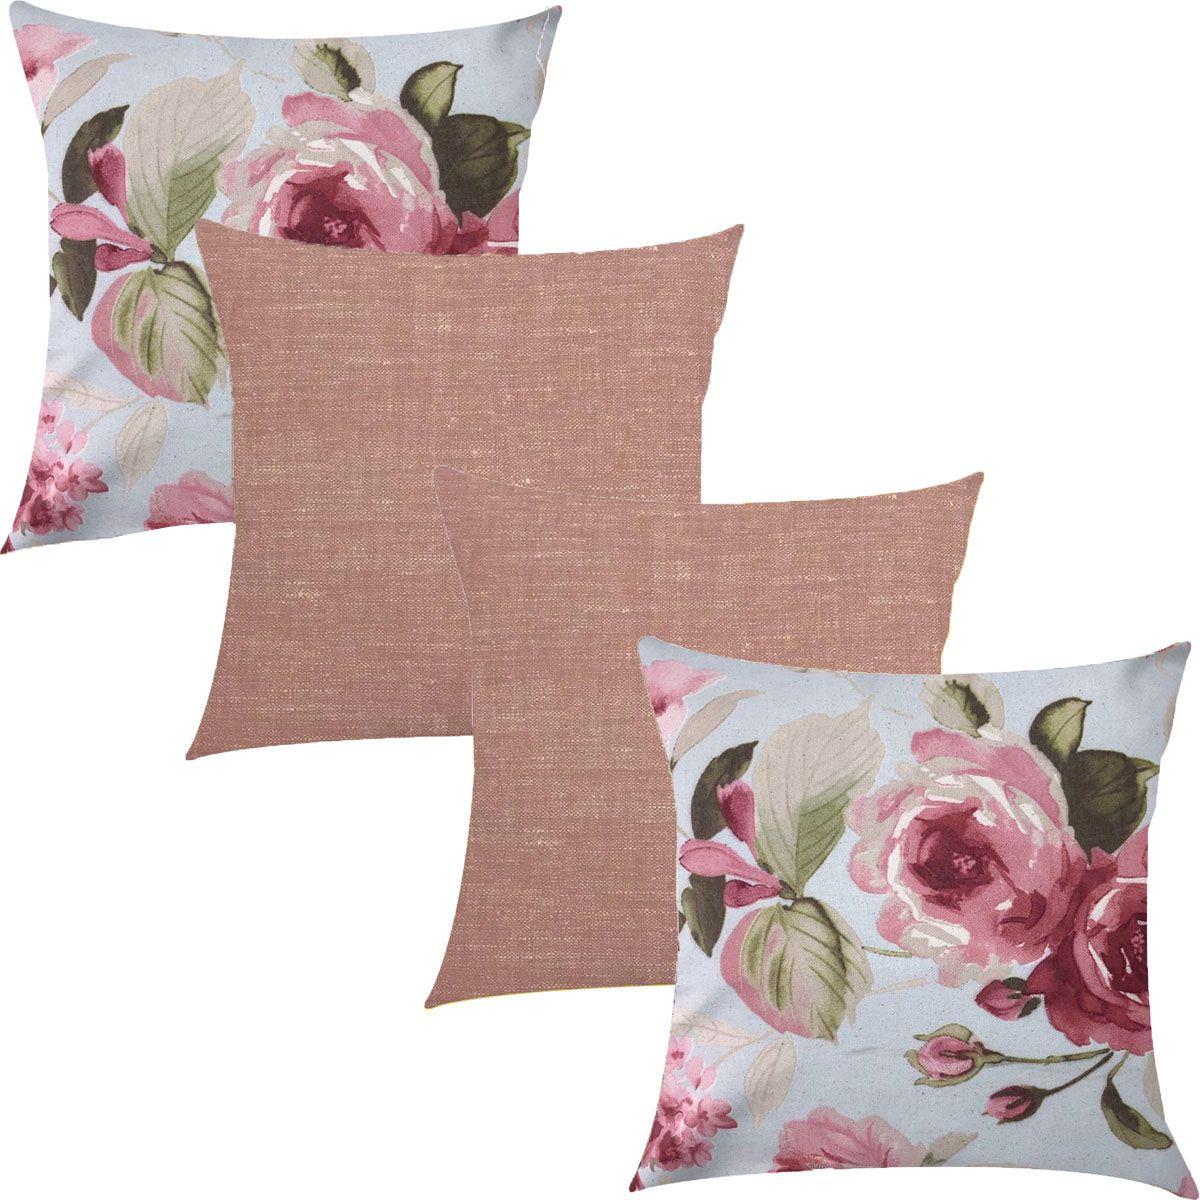 Kit 4 Capas de Almofadas Composê  Floral e Textura Rosê 45x45cm